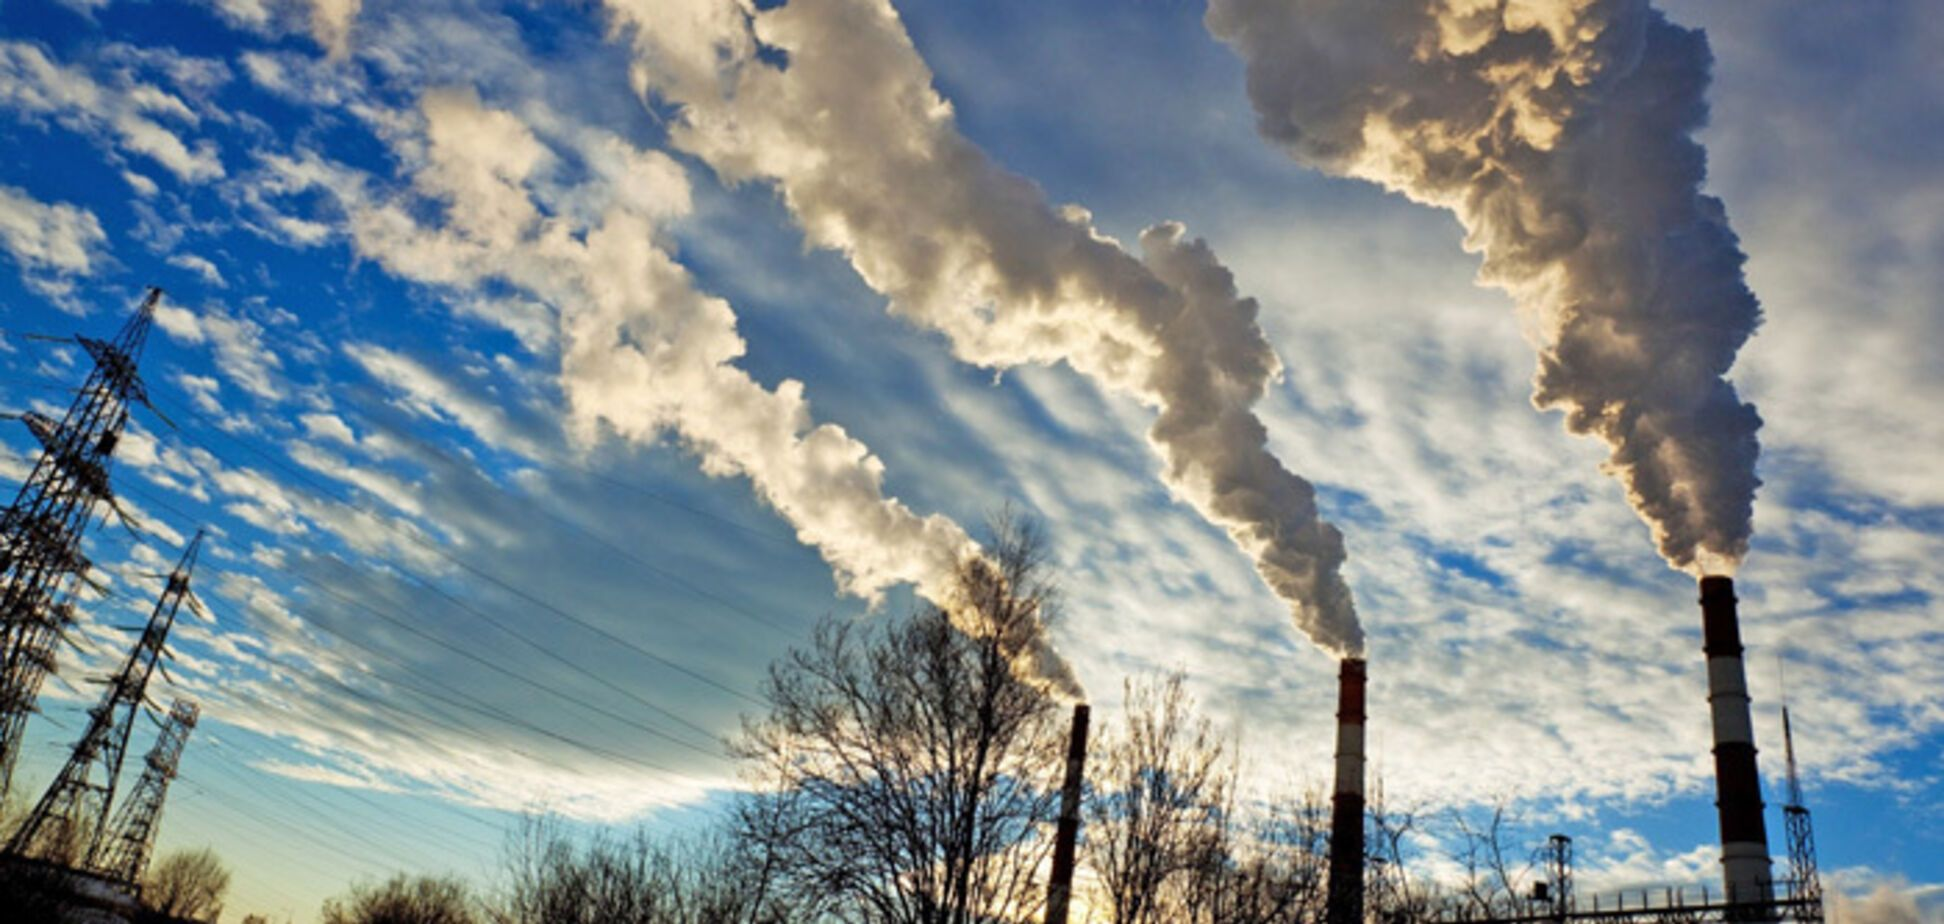 З 2025 року Україна може стати залежною від електроенергії РФ через втрату потужностей відповідно до НПСВ – Укренерго